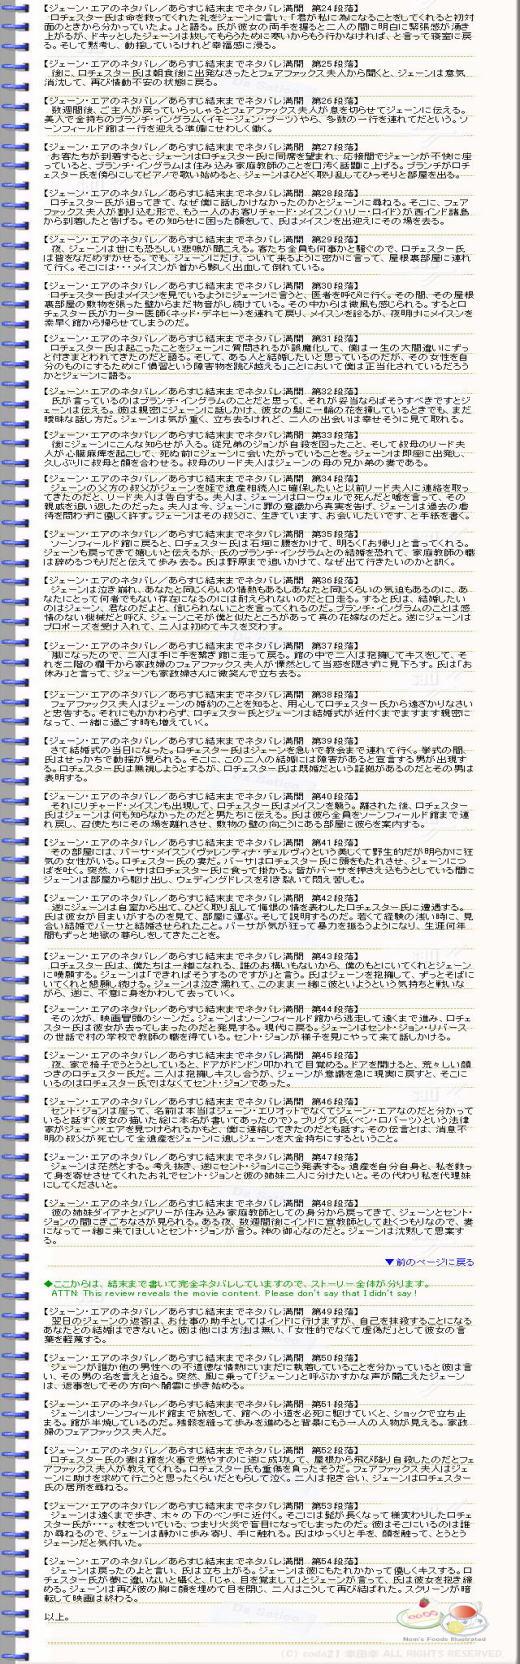 映画『ジェーン・エア JANE EYRE 』ネタバレ・あらすじ・ストーリー02@映画の森てんこ森